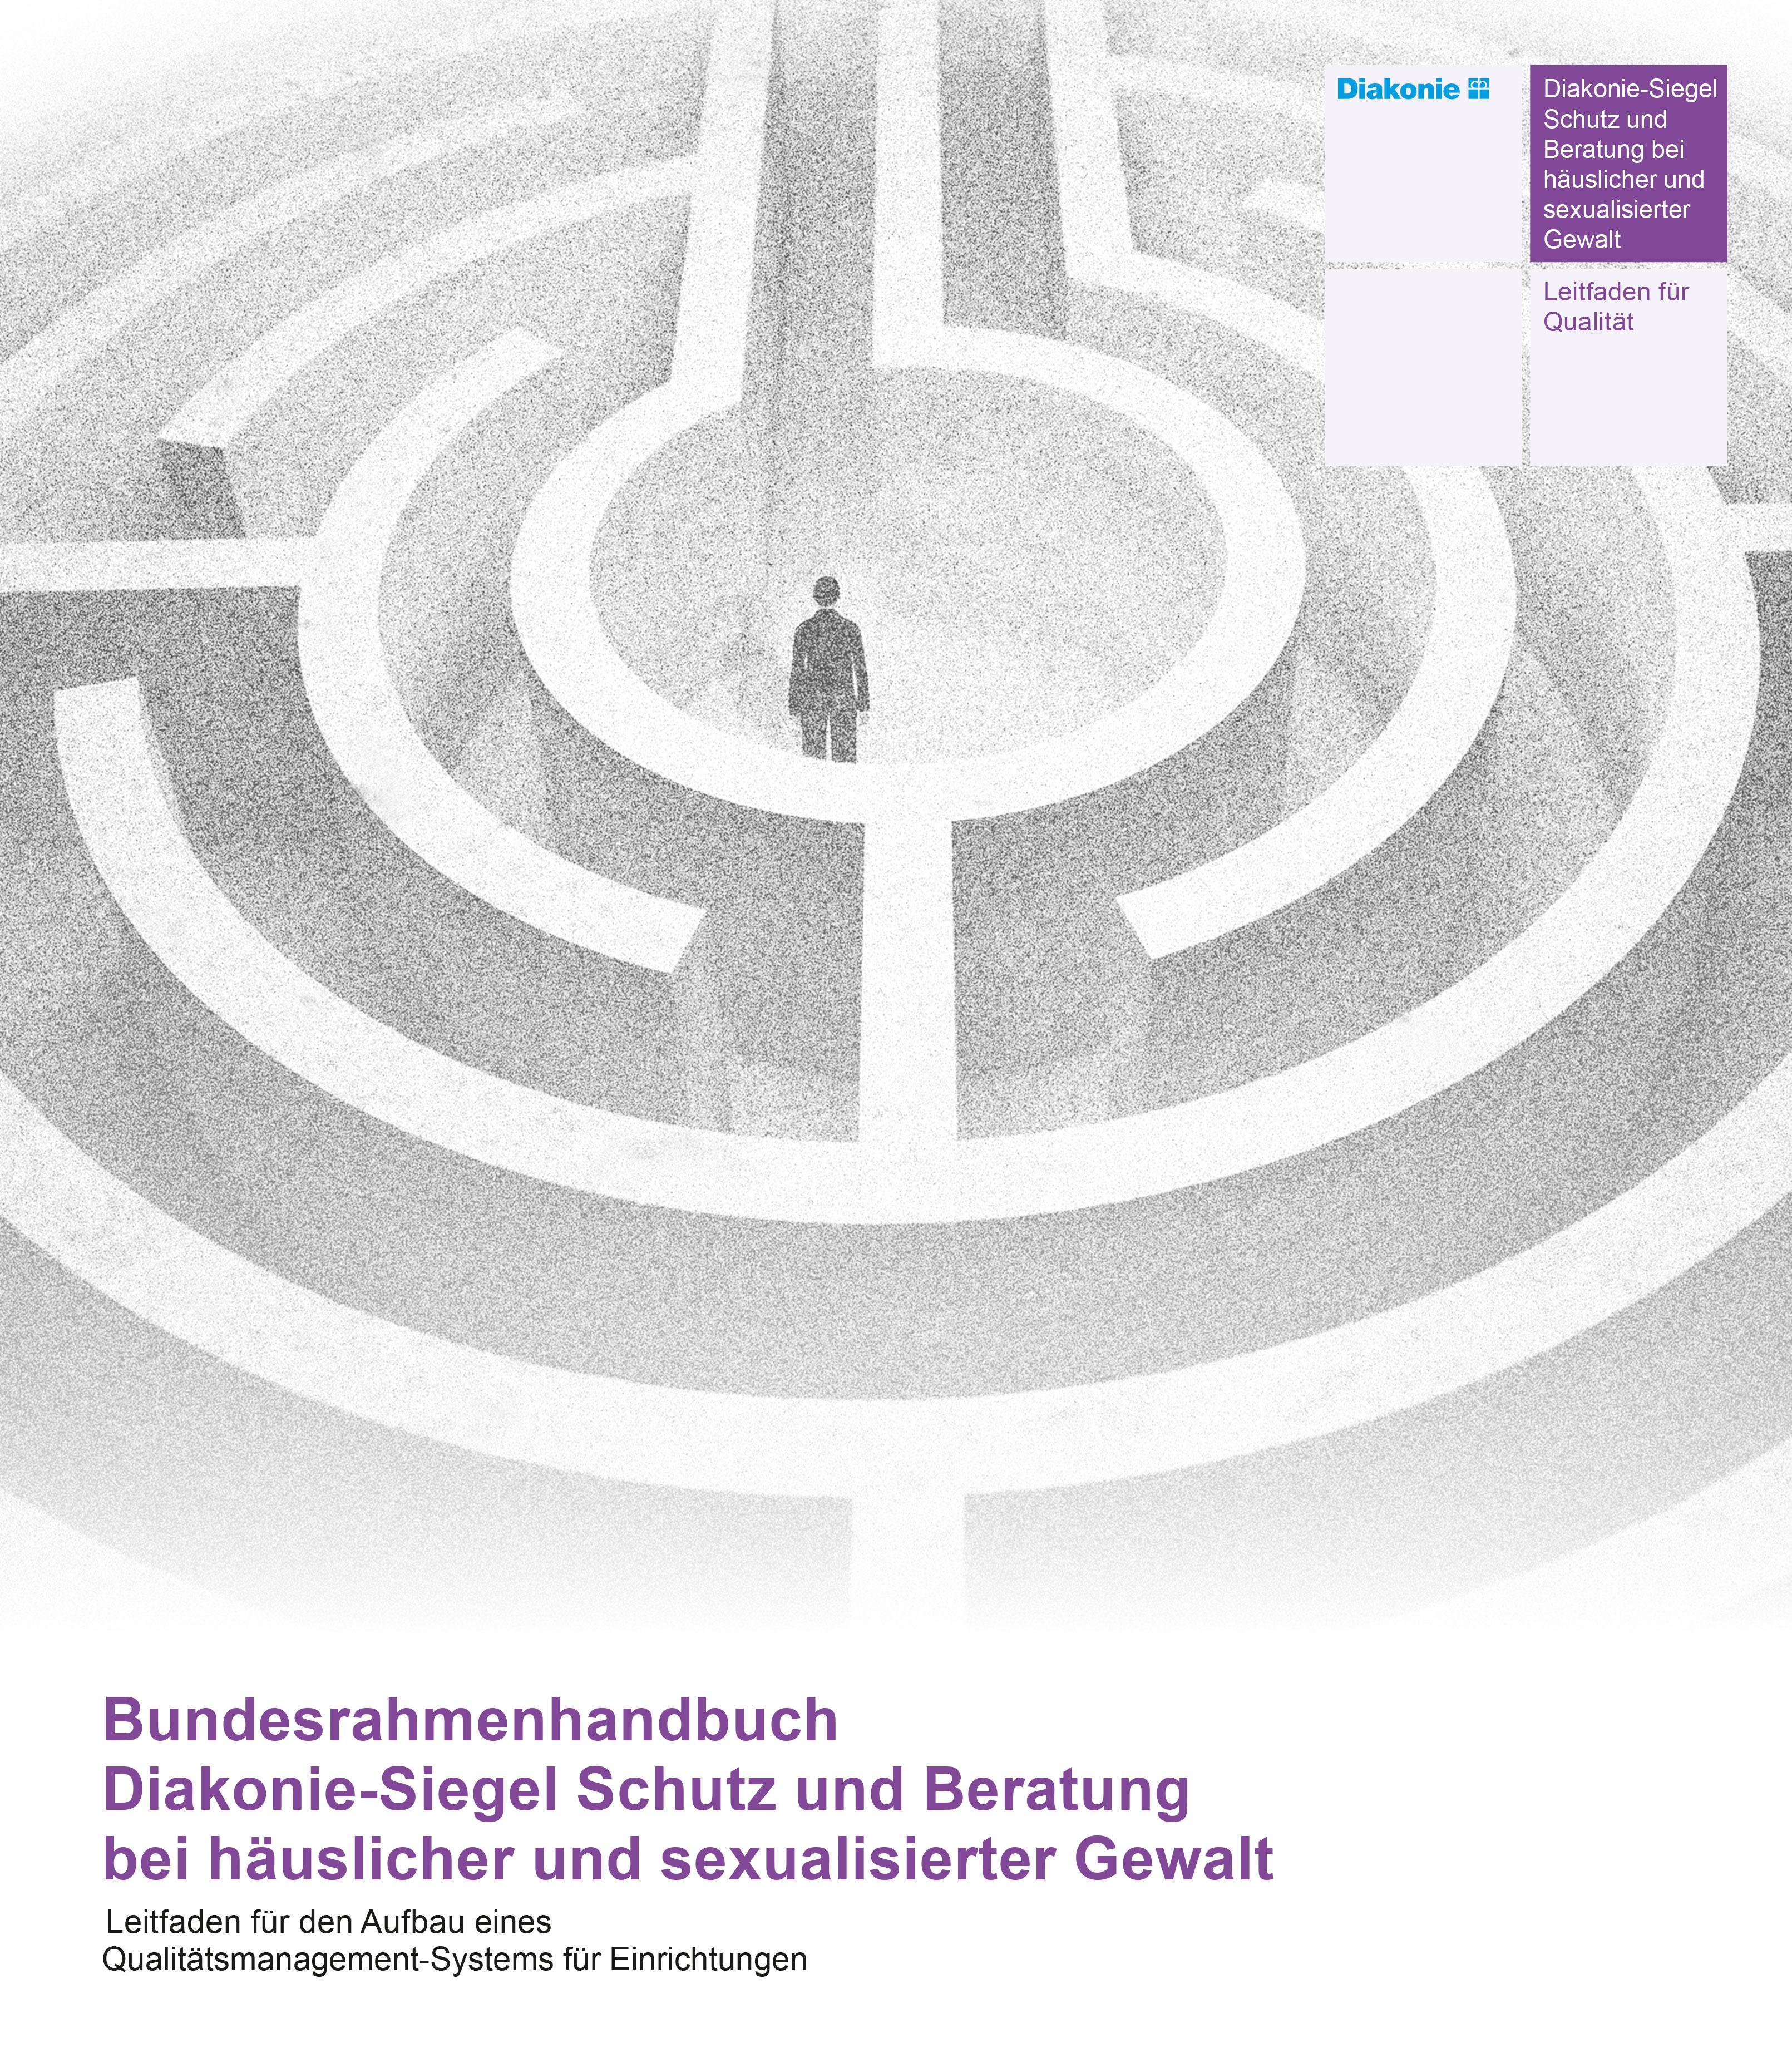 Bundesrahmenhandbuch Diakonie-Siegel Schutz und Beratung bei häuslicher und sexualisierter Gewalt